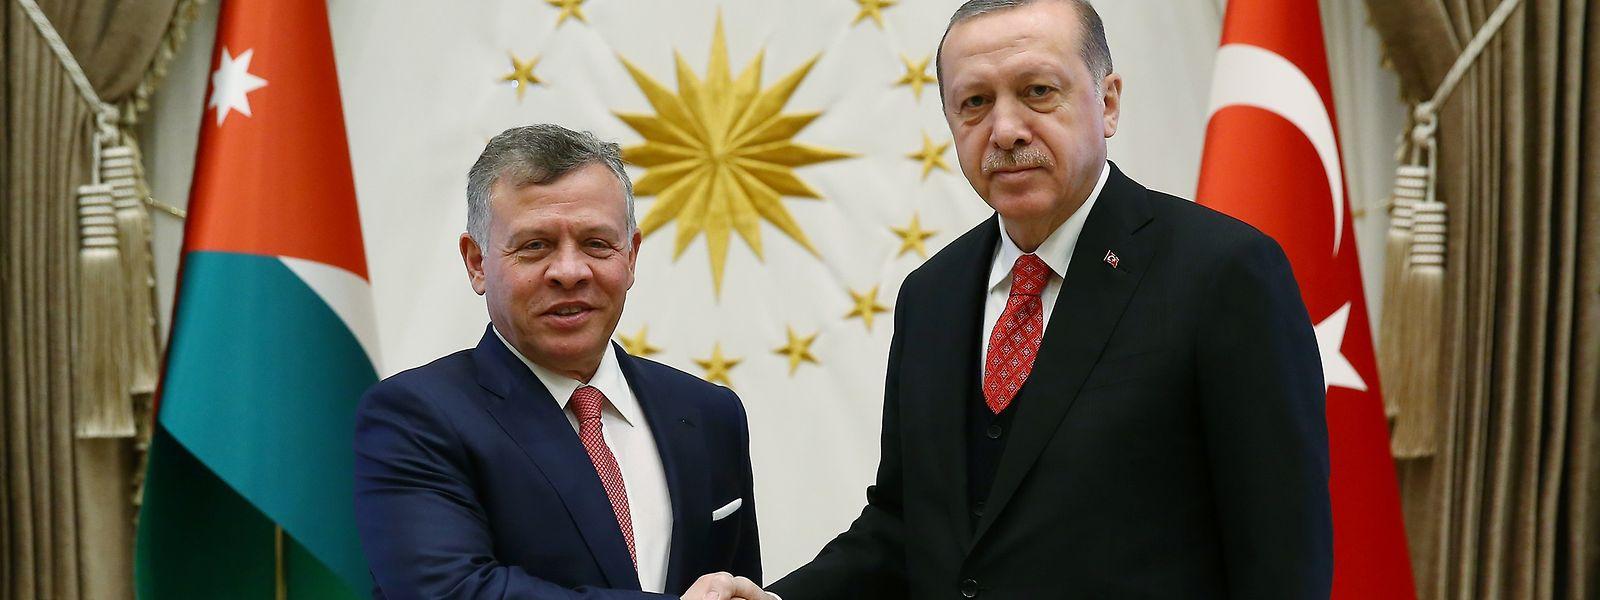 Erdogan und Abdullah trafen sich am Dienstag in Ankara.